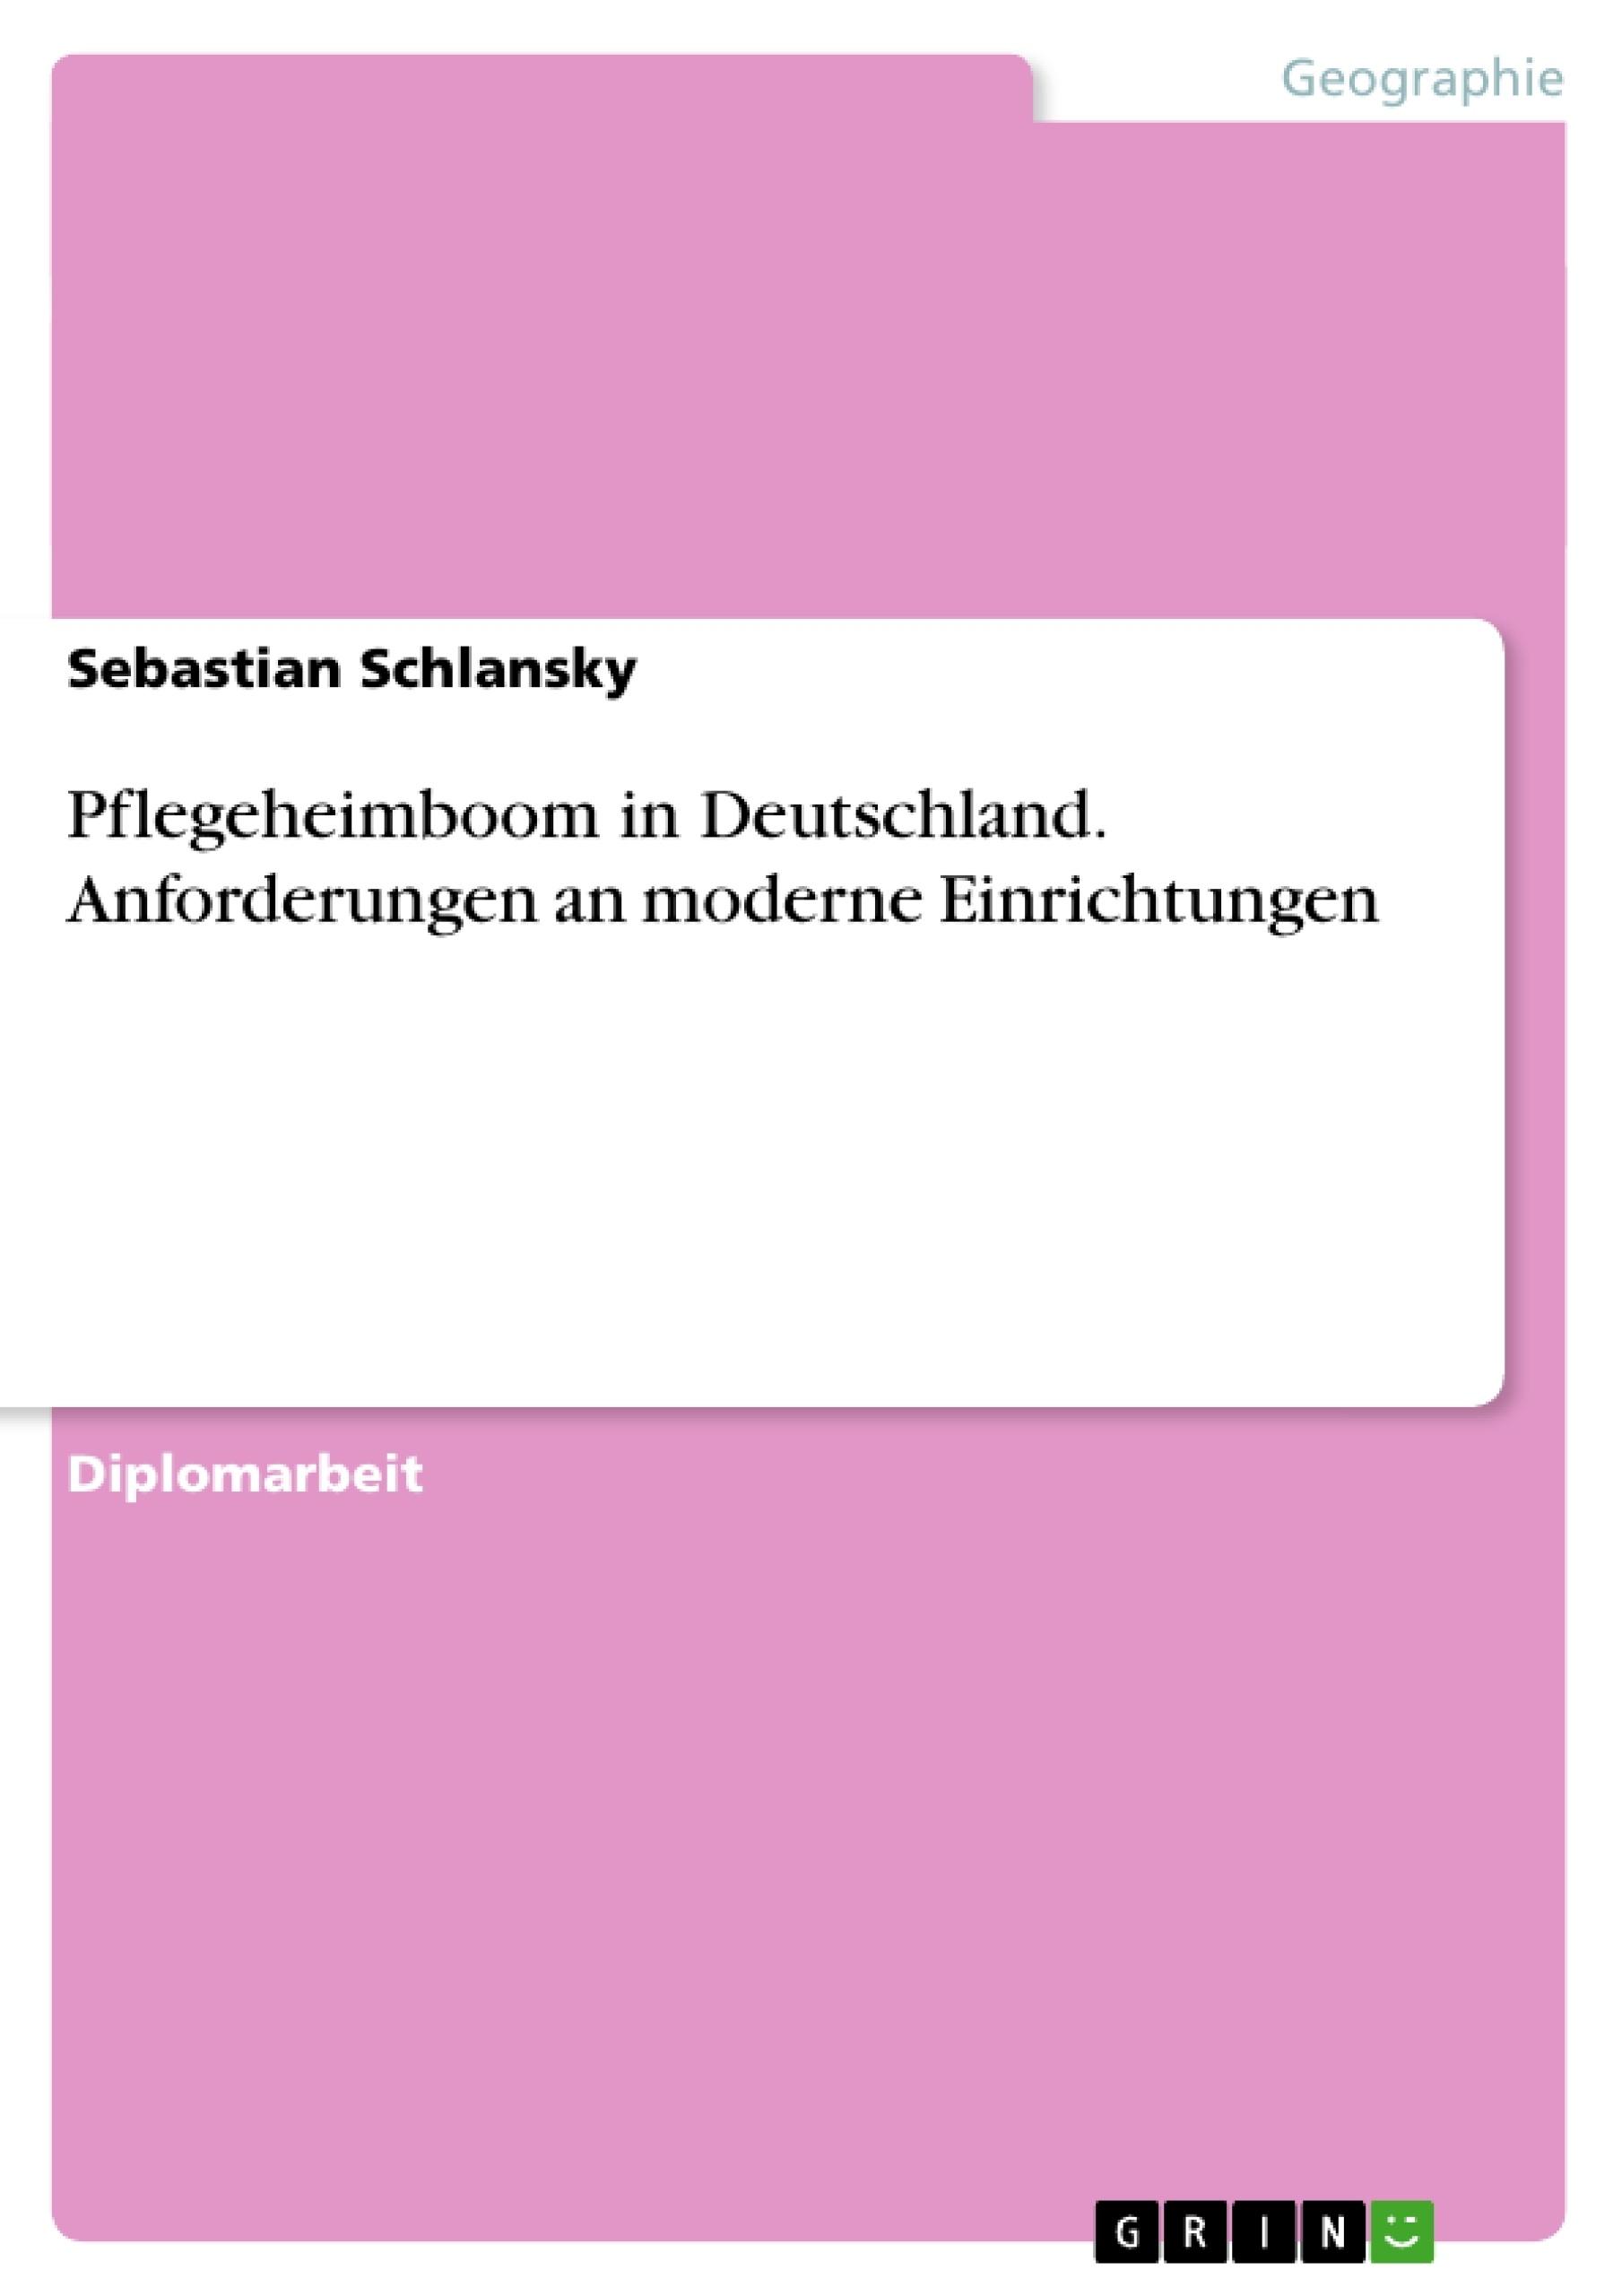 Titel: Pflegeheimboom in Deutschland. Anforderungen an moderne Einrichtungen